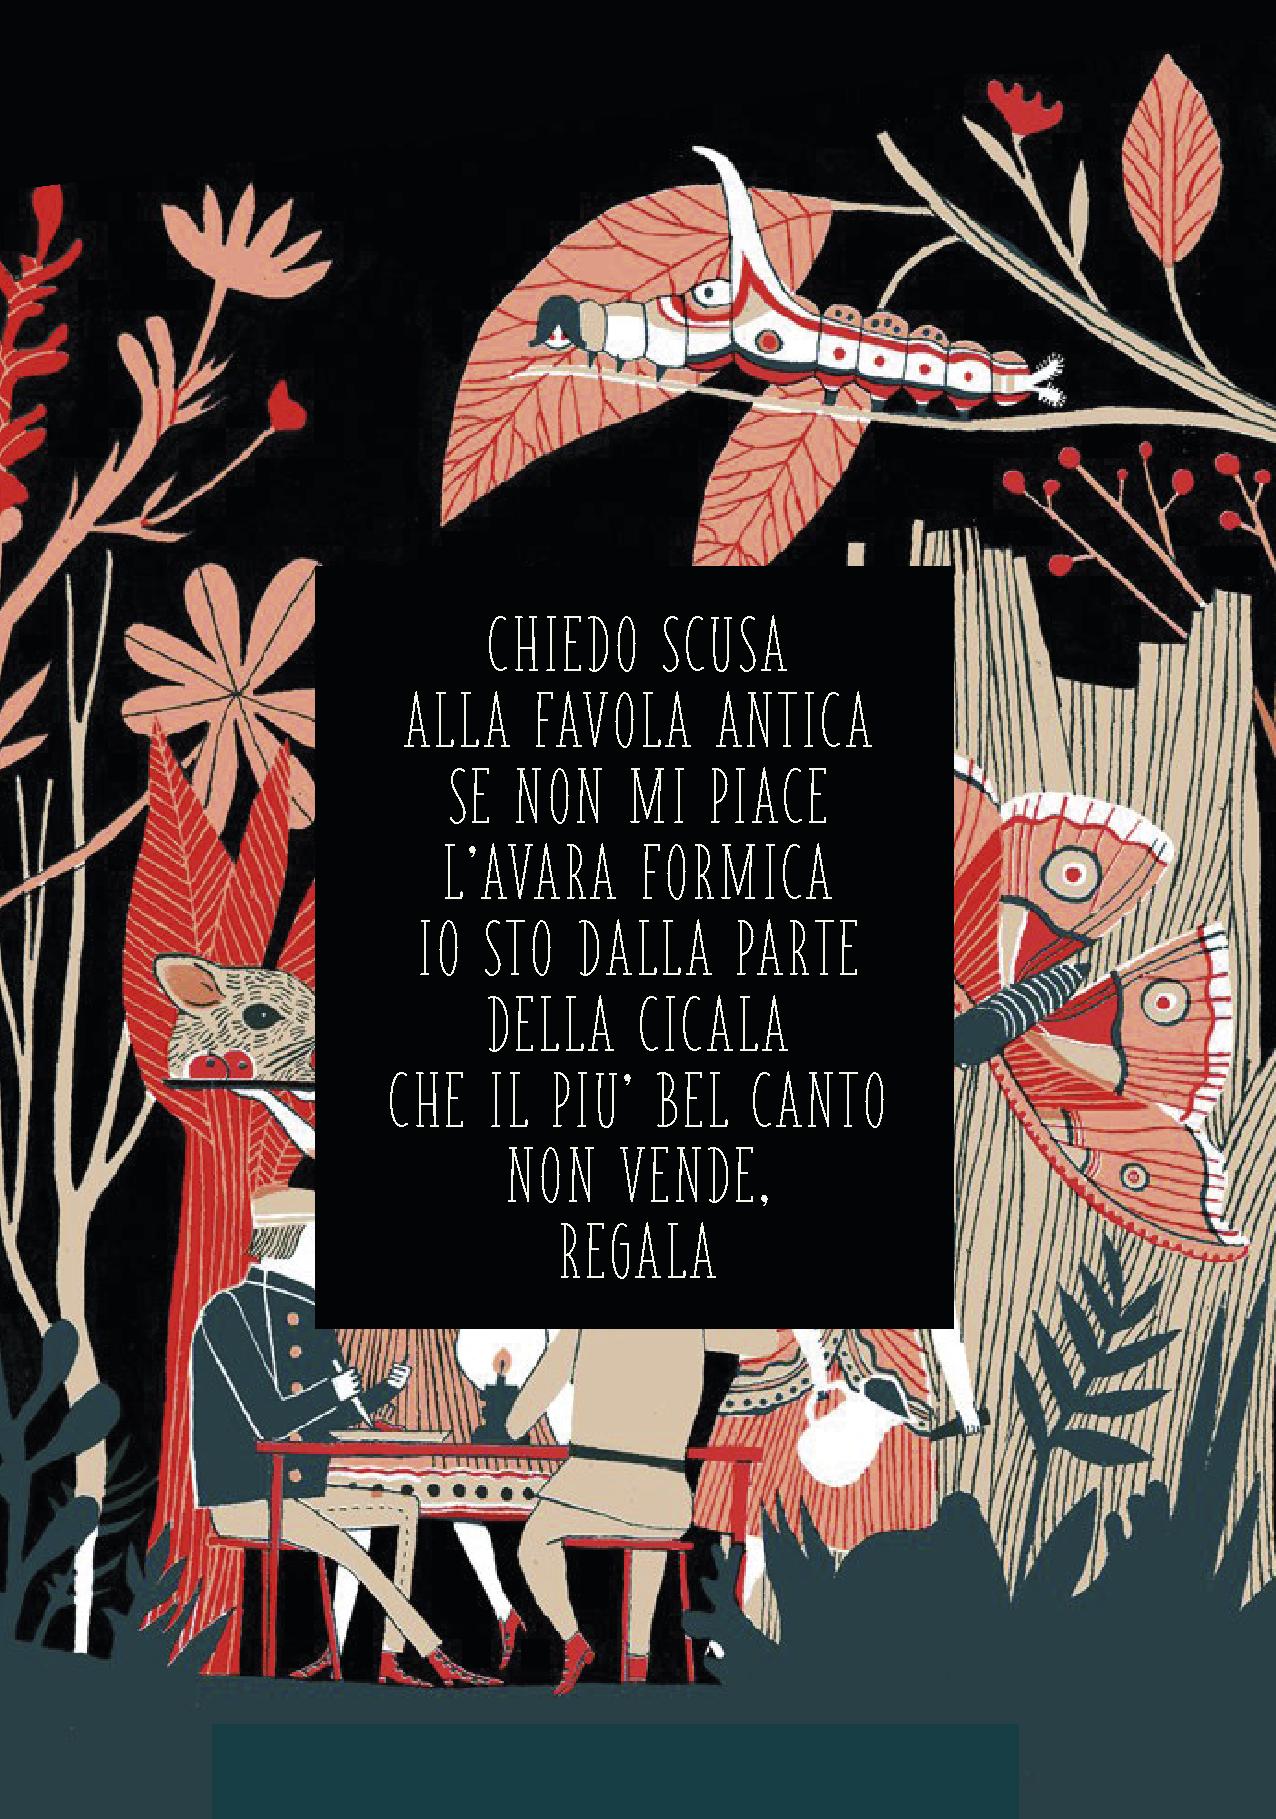 IL CANTO DELLA CICALA programma 2017